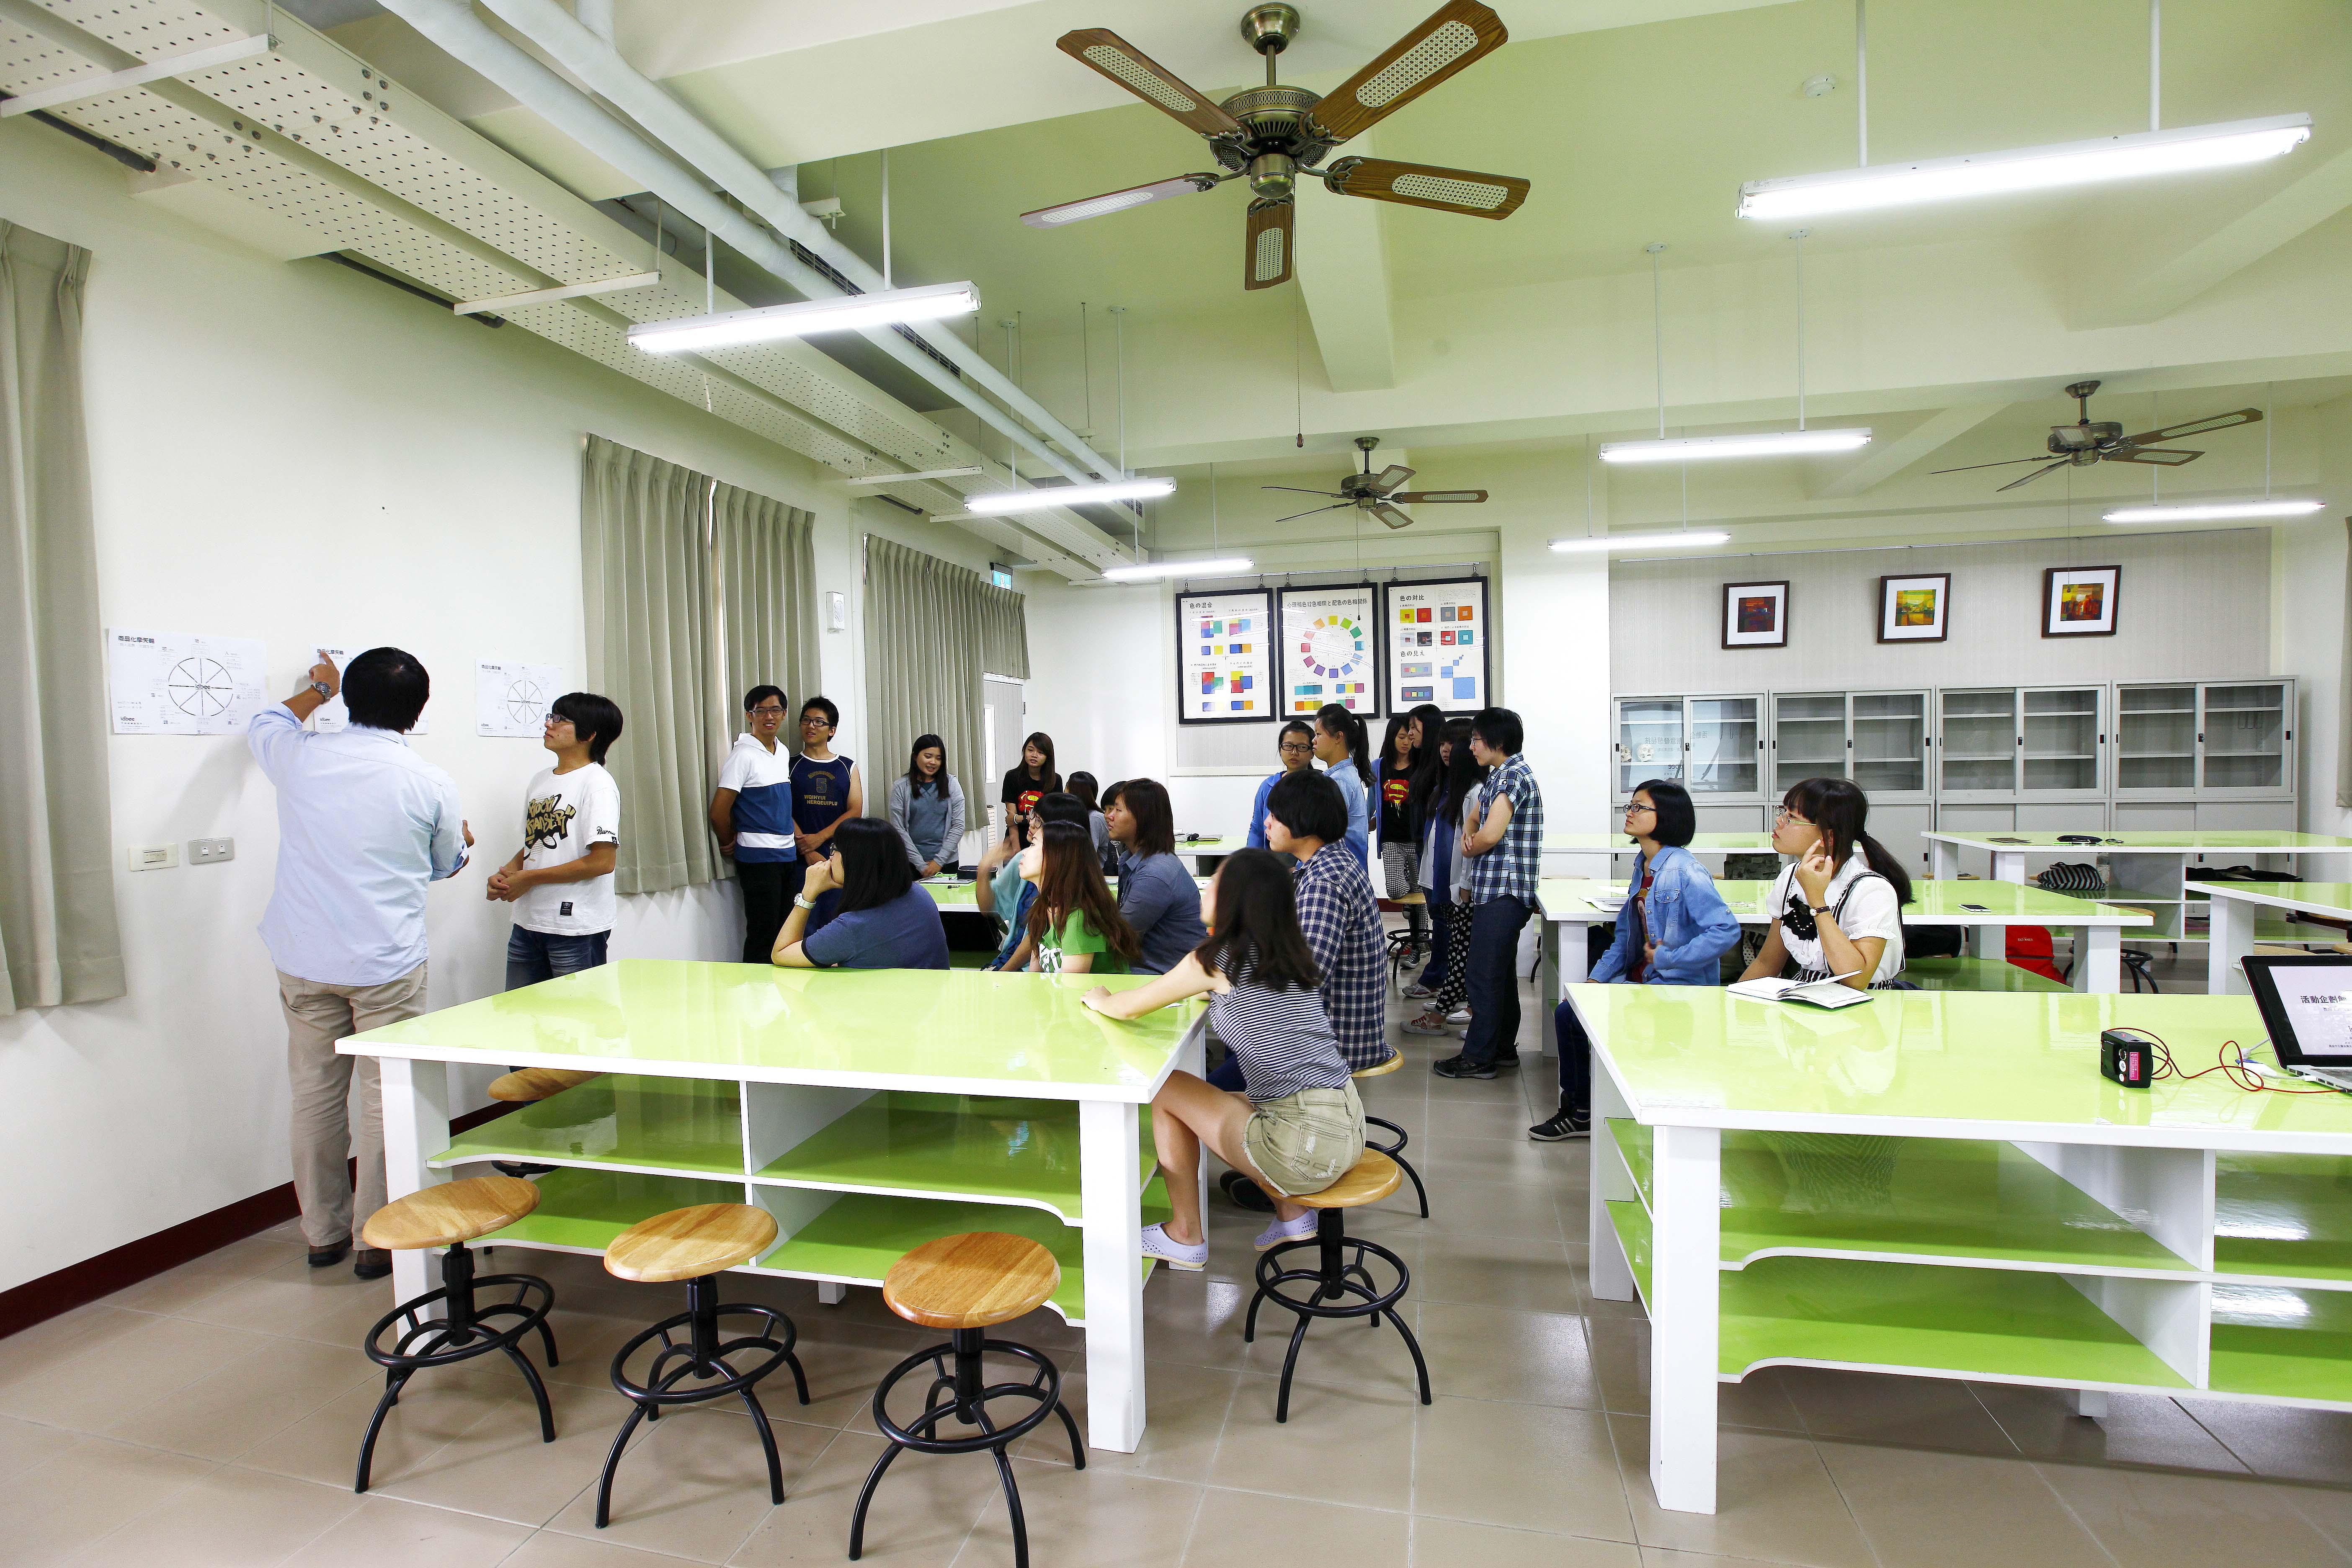 正修科技大学 时尚生活创意设计系-平面设计专业教室